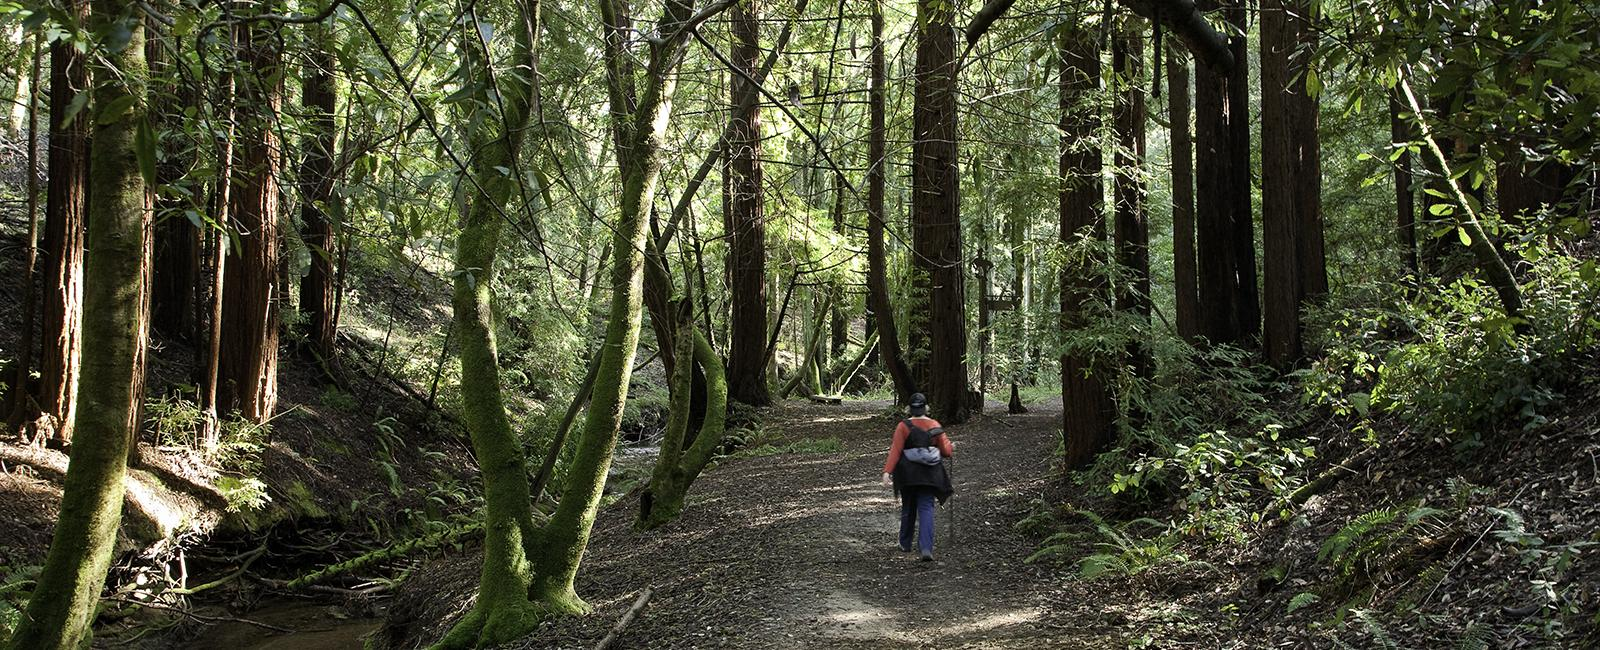 Hiking among redwoods